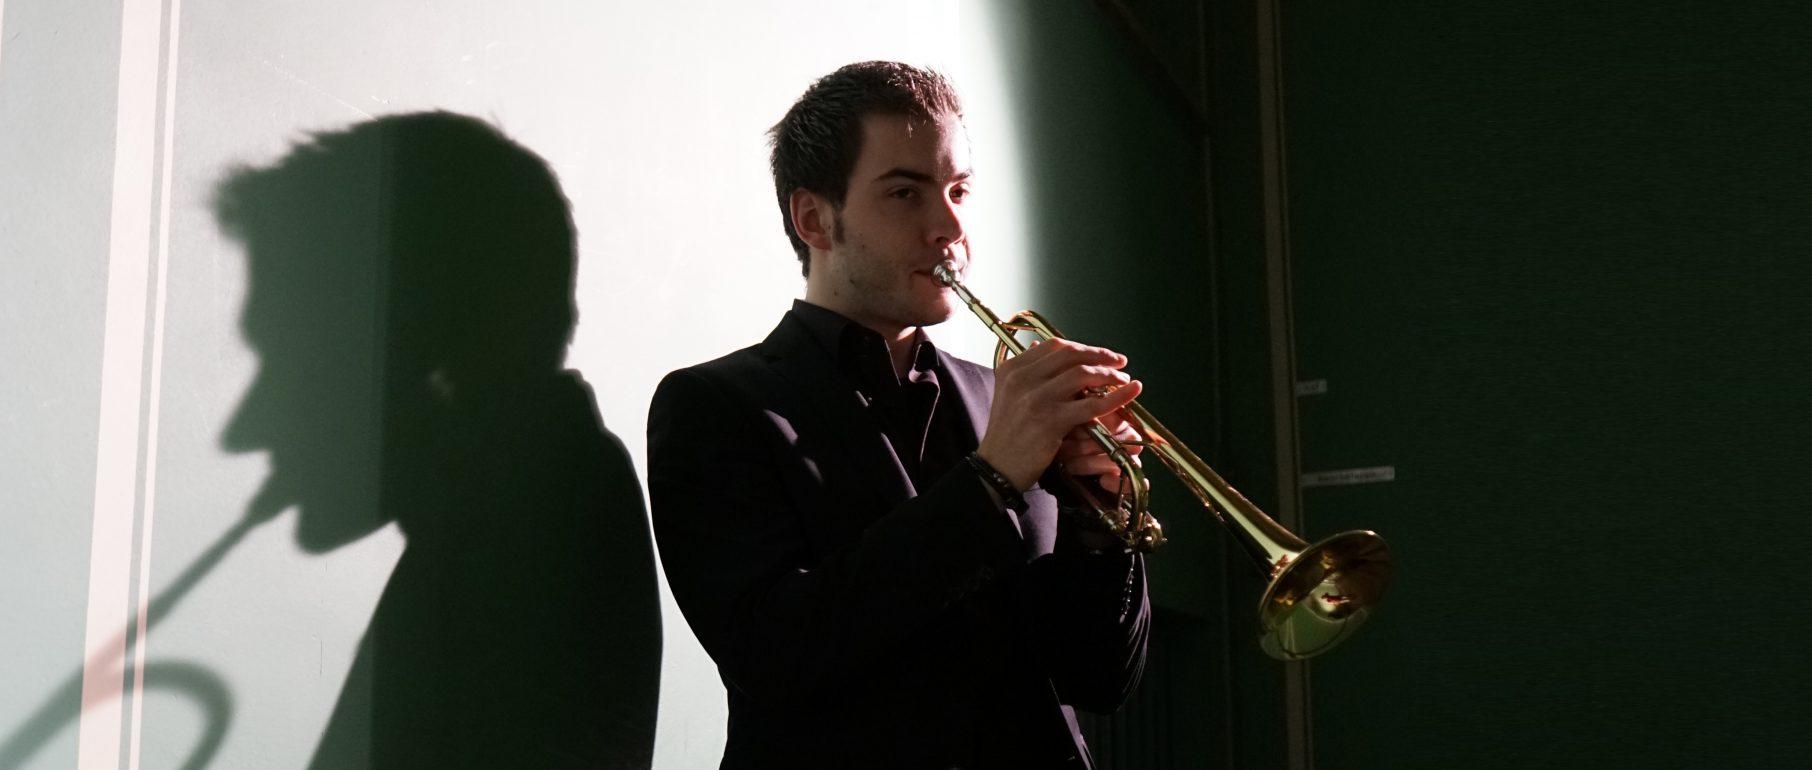 Alexander Kirn, Trompete